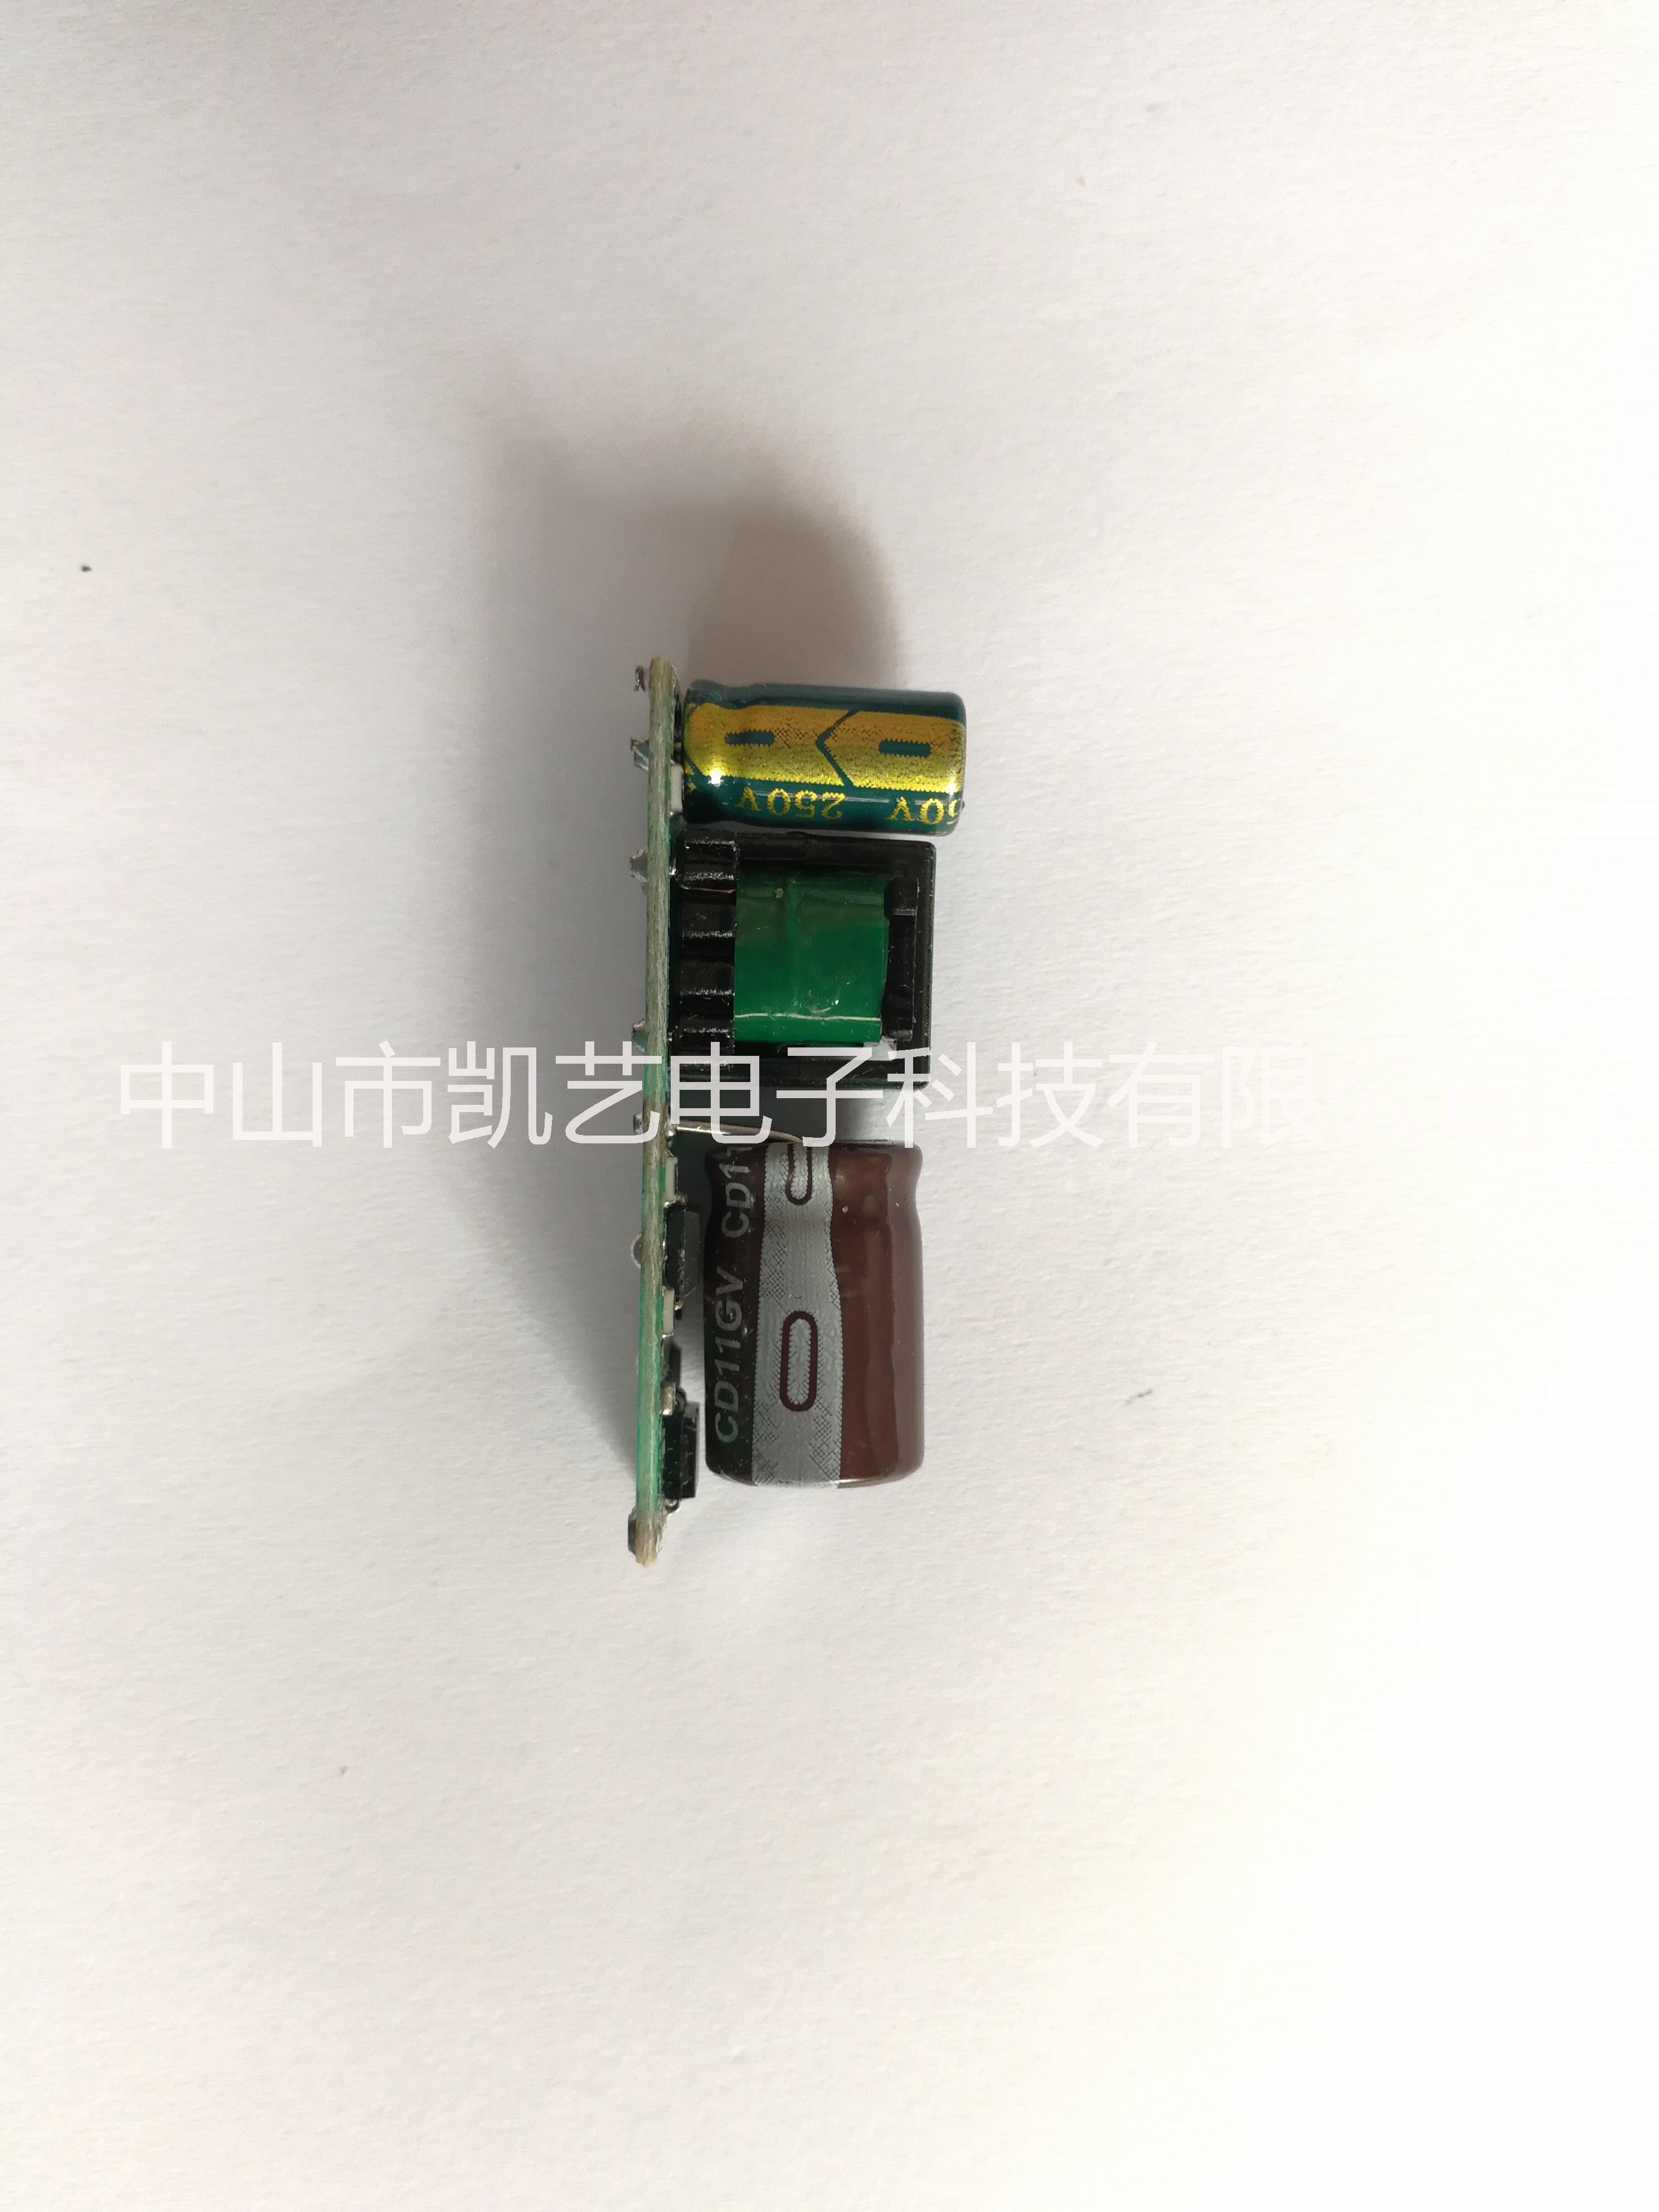 中山市支架18W宽压驱动电源。灯管LED日光灯非隔离、T5、T8驱动电源